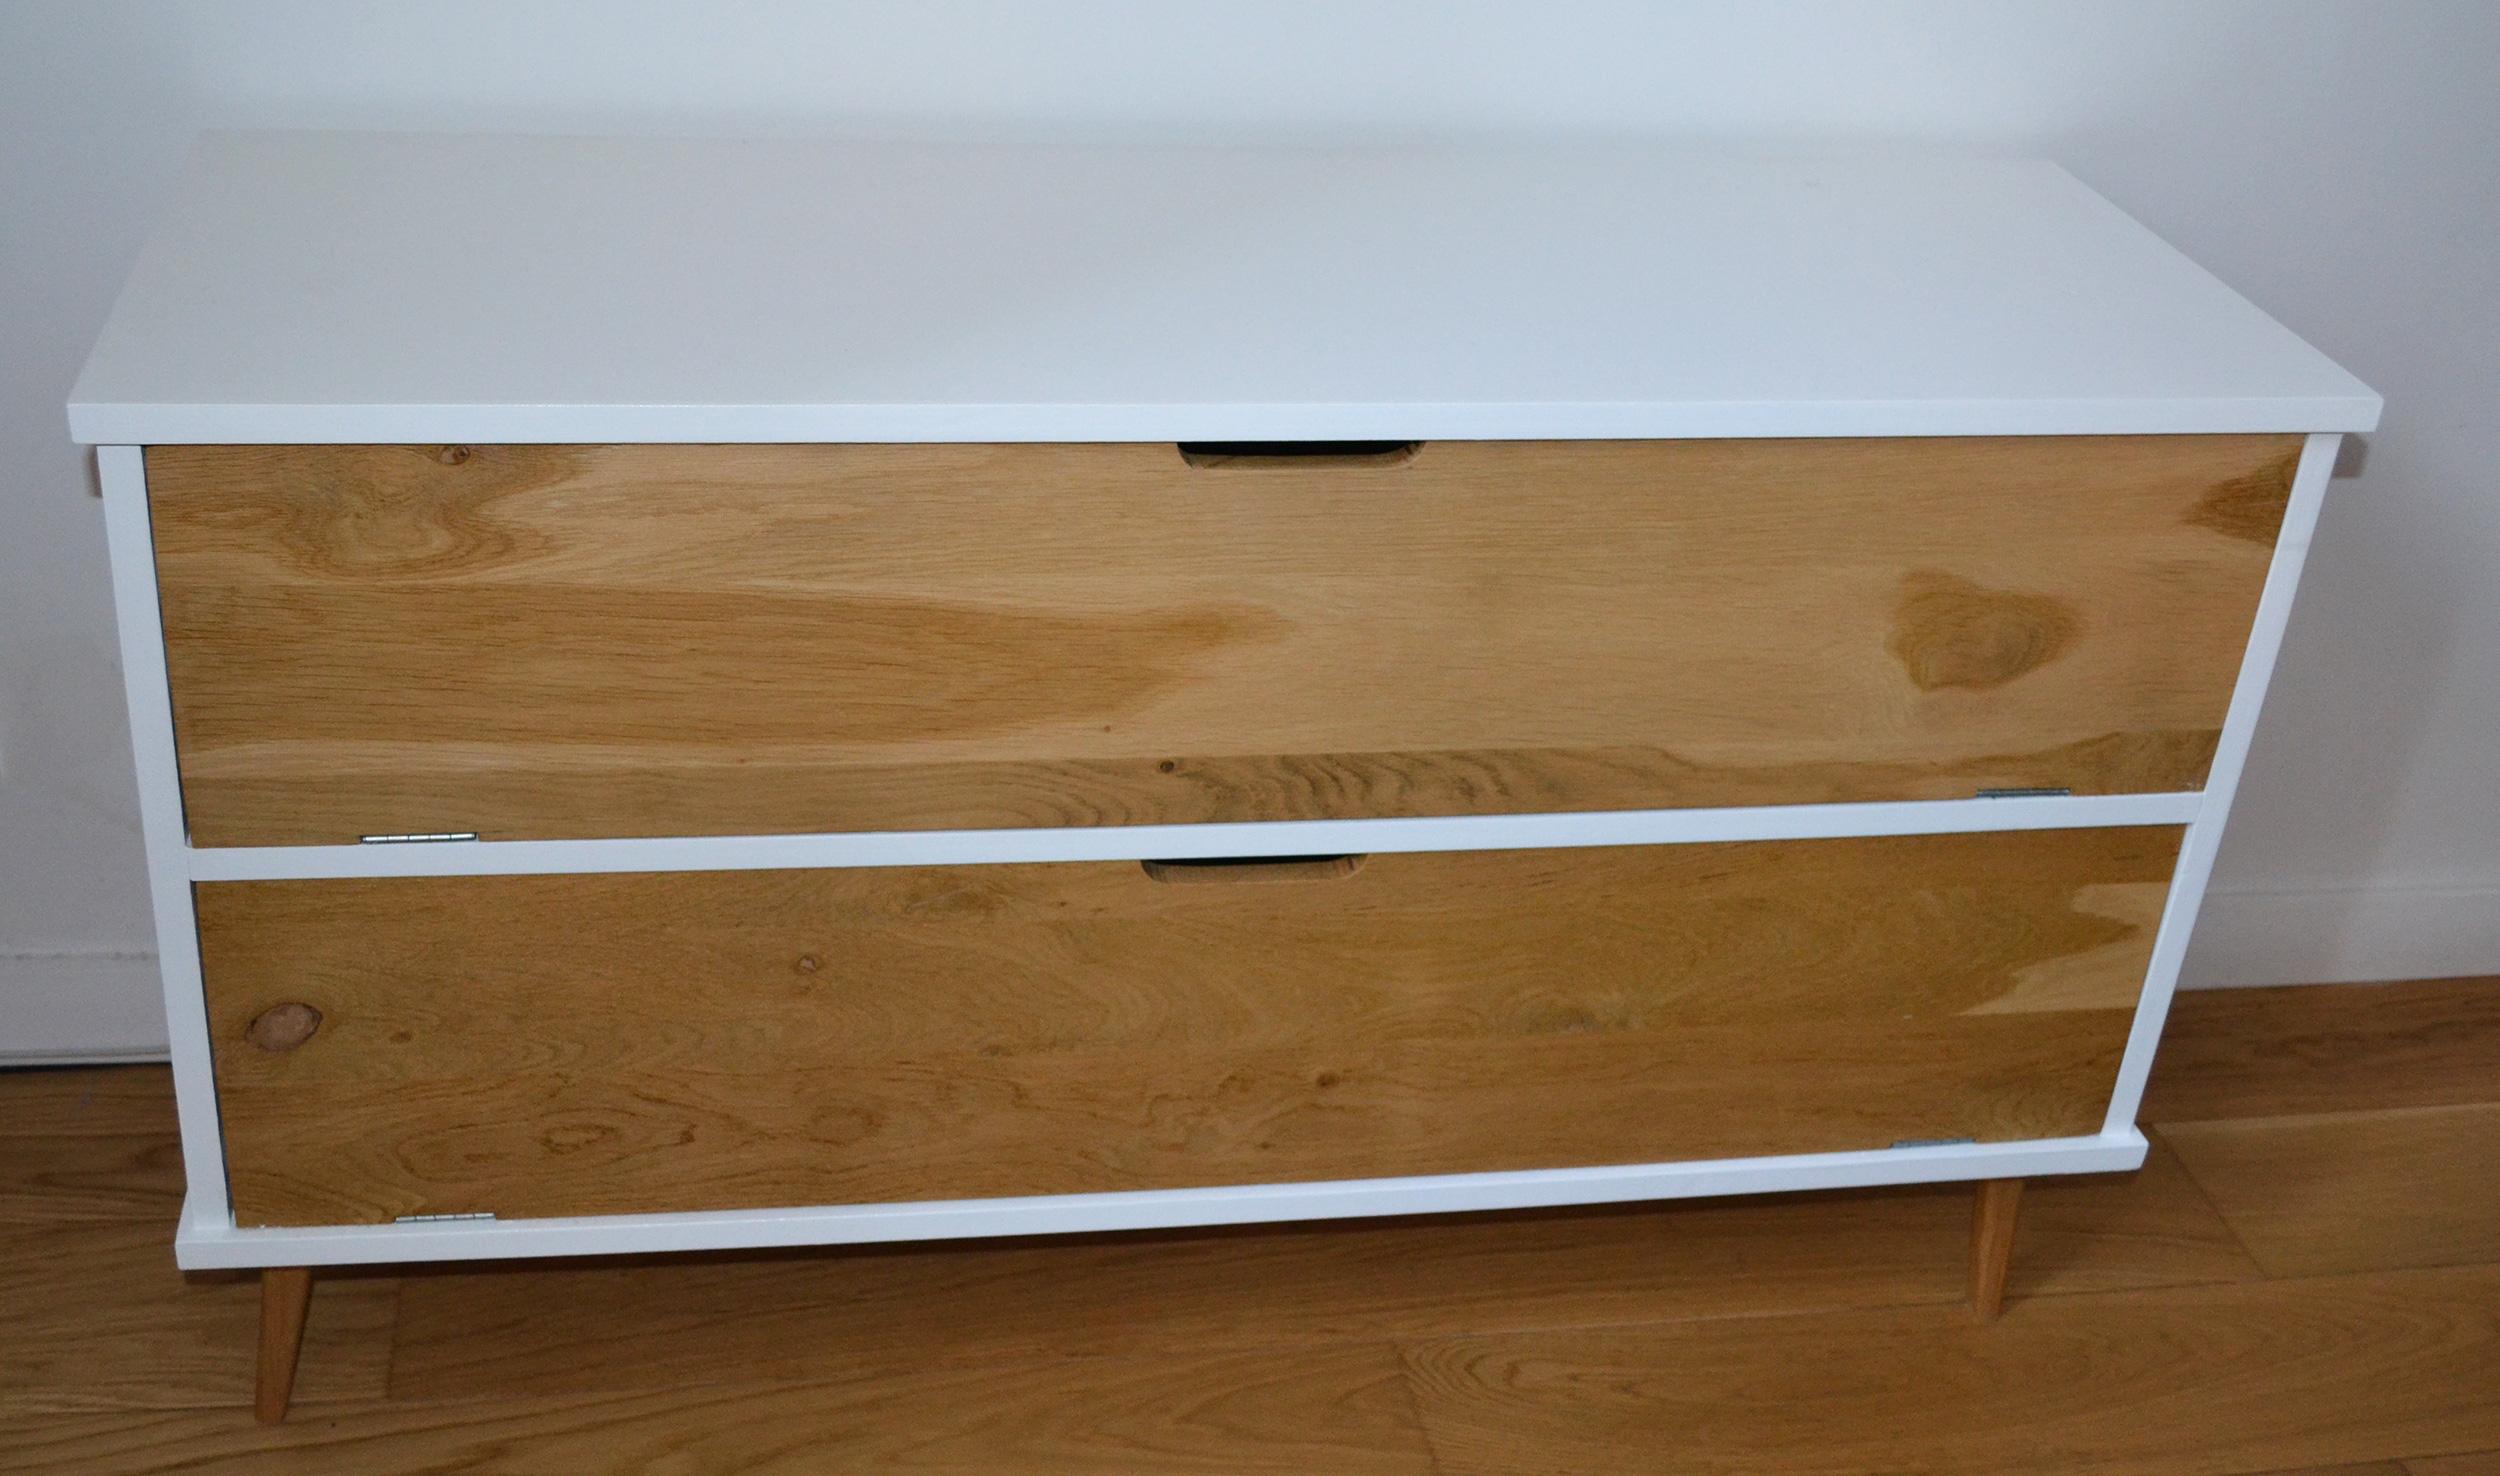 Meuble tv cr ation de meubles en bois sur mesure - Creation de meuble sur mesure ...